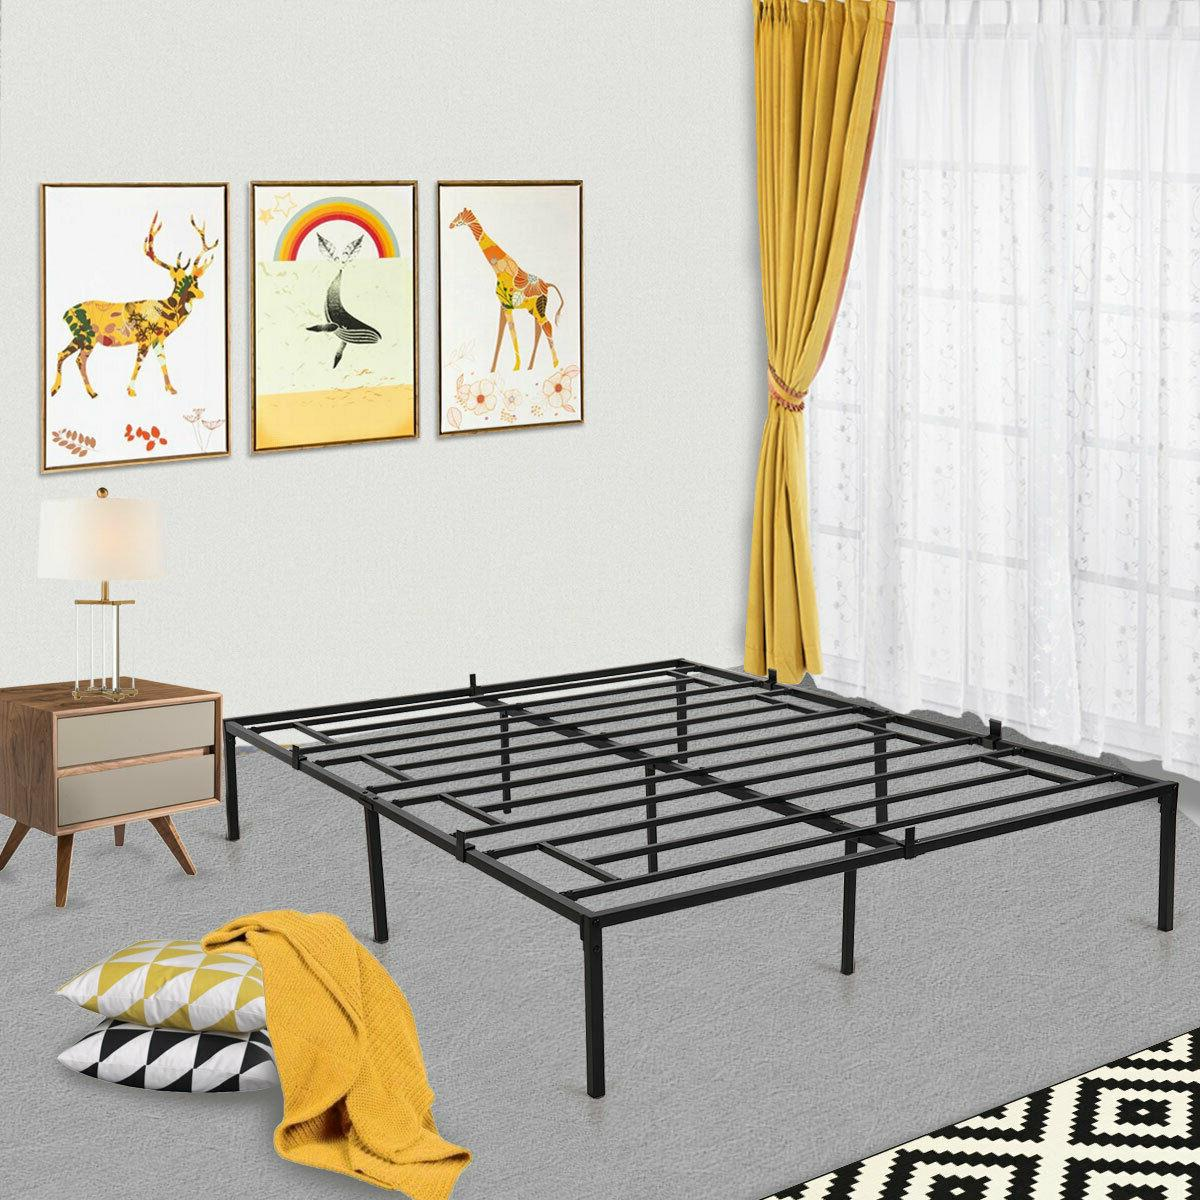 Easy Iron Bed Frame Mattress wUnder Storage